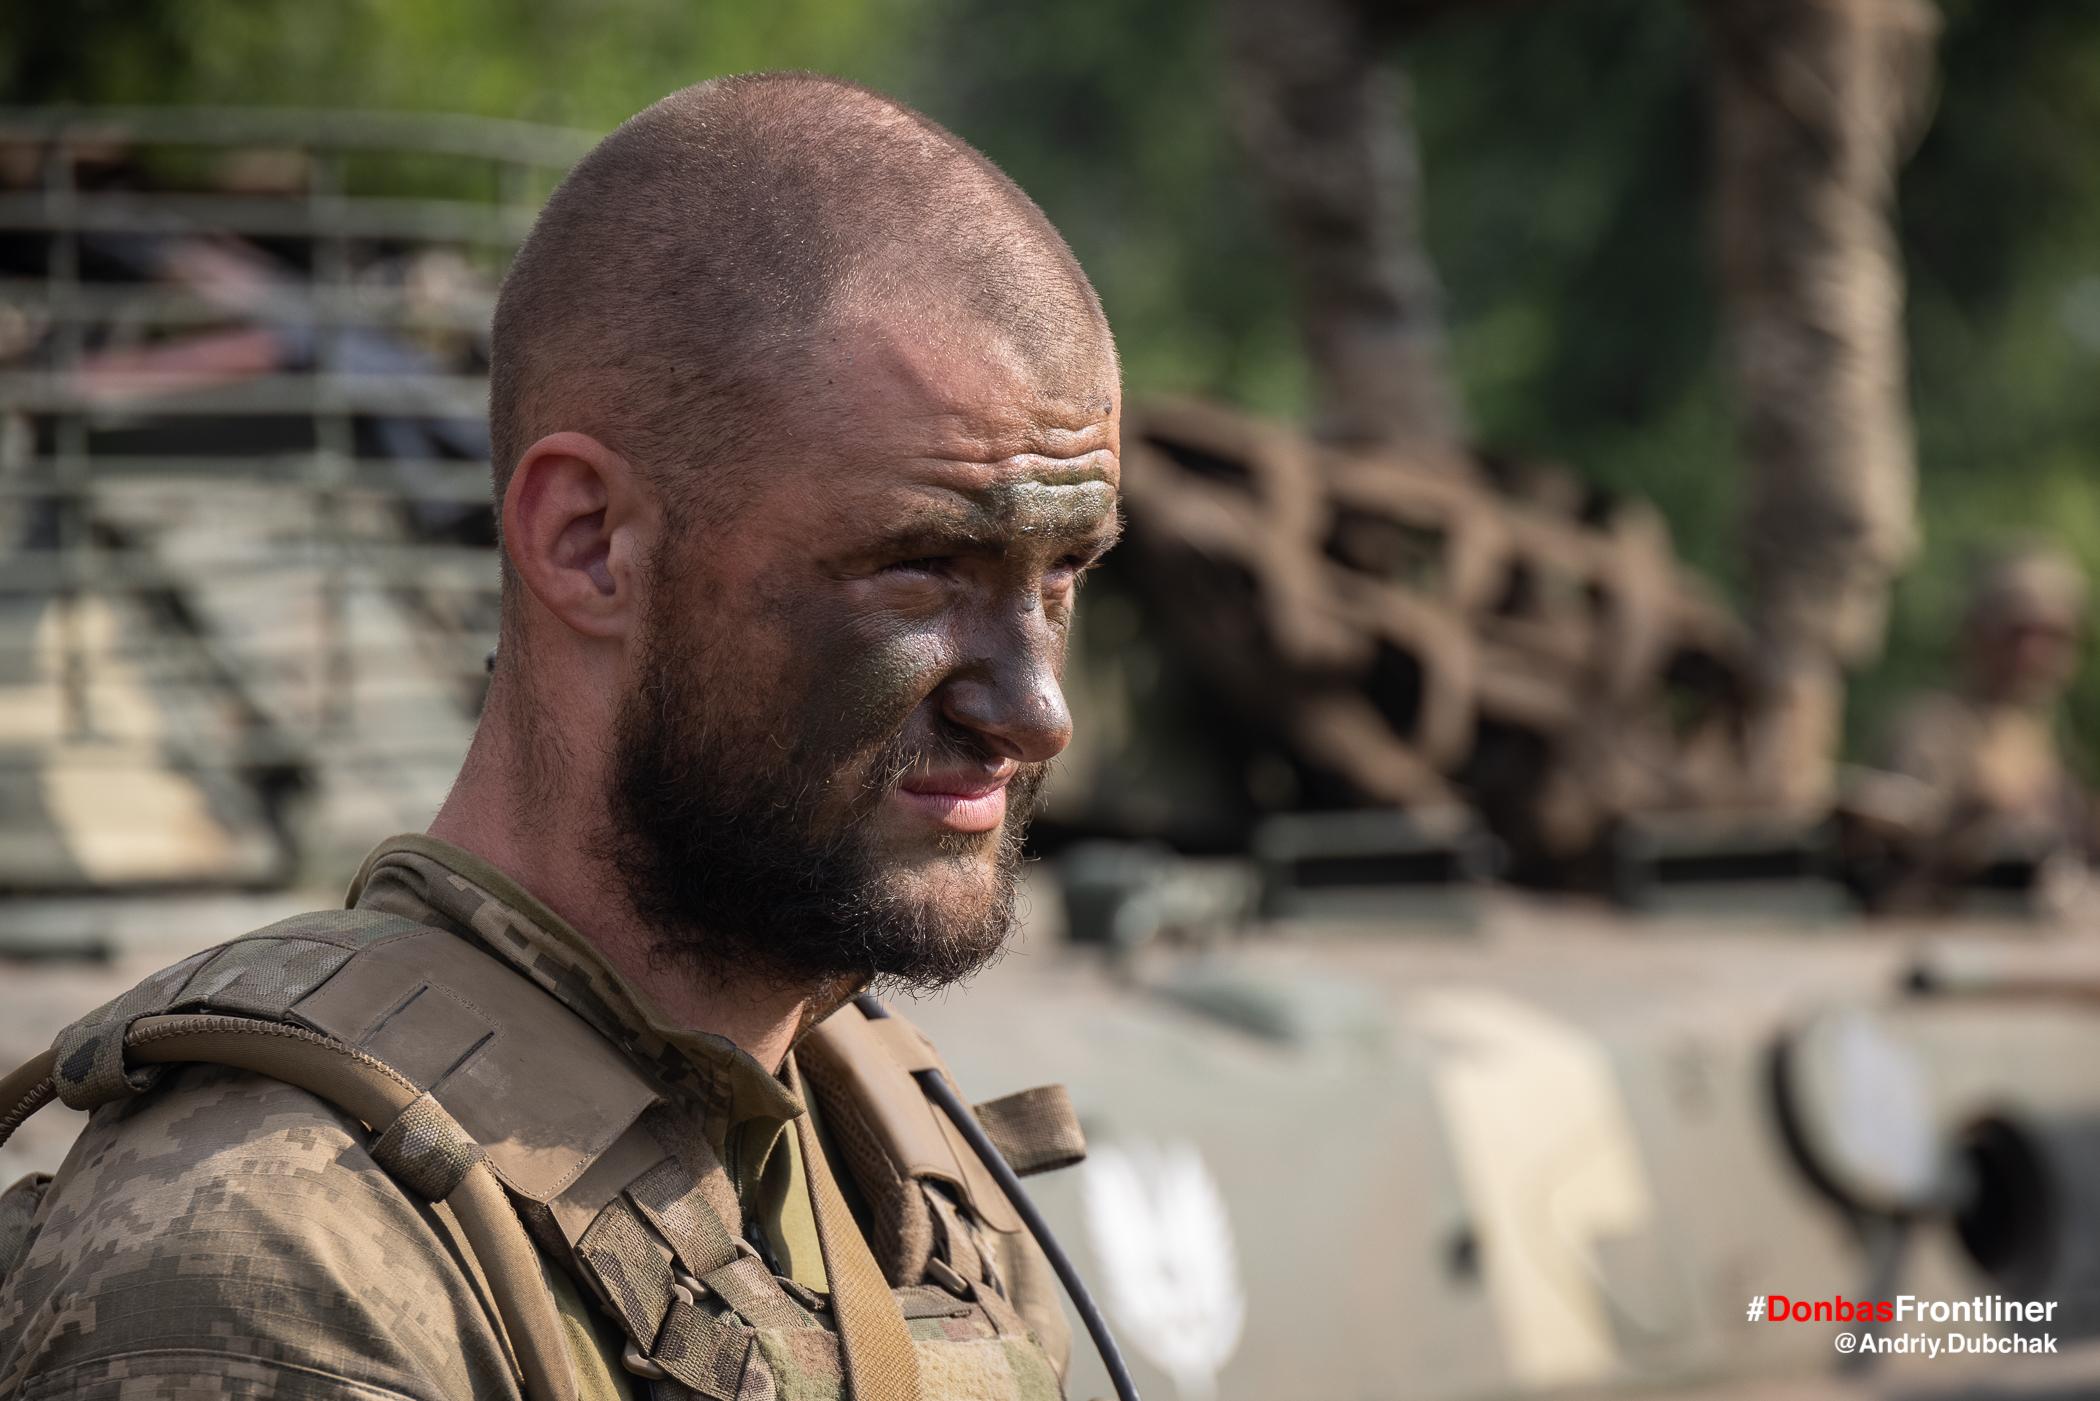 Бойове маскувавання обличчя. Бойове тренування 503-го батальйону морської піхоти на Приазов'ї, липень 2021 року